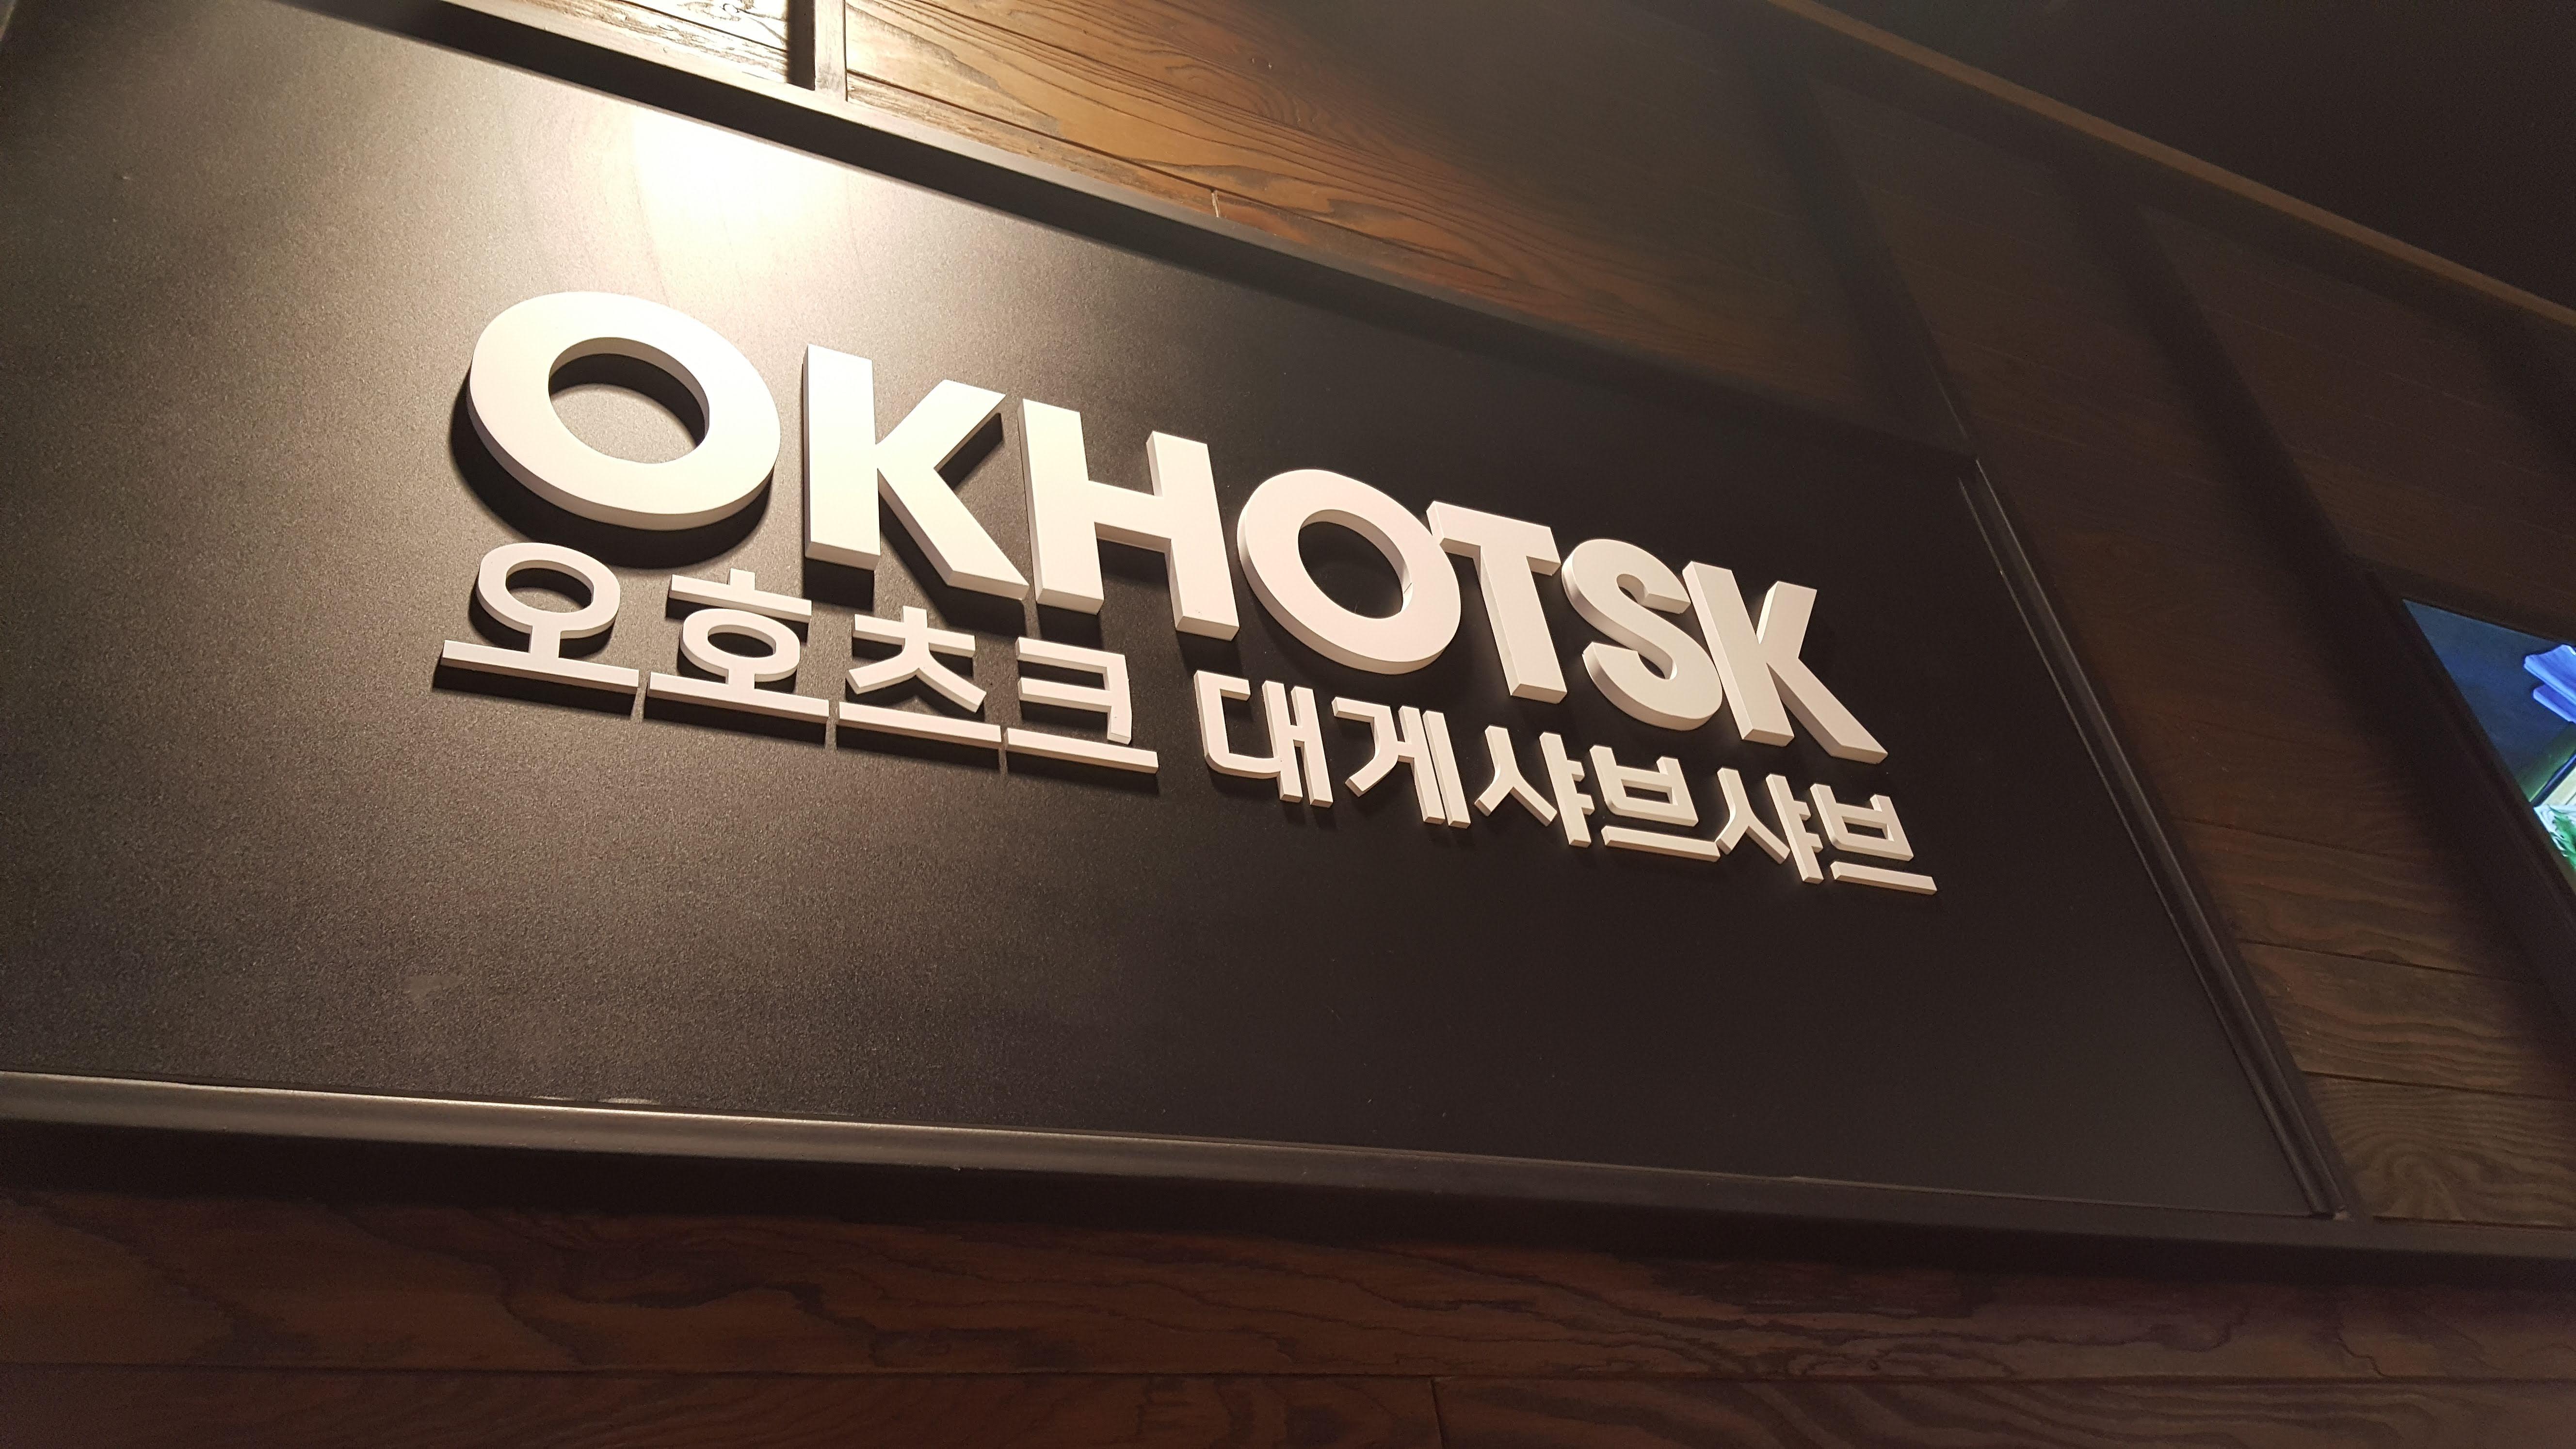 [오호츠크 대게 샤브샤브] 대게를 마음껏 먹을 수 있는 오호츠크 대게 샤브샤브